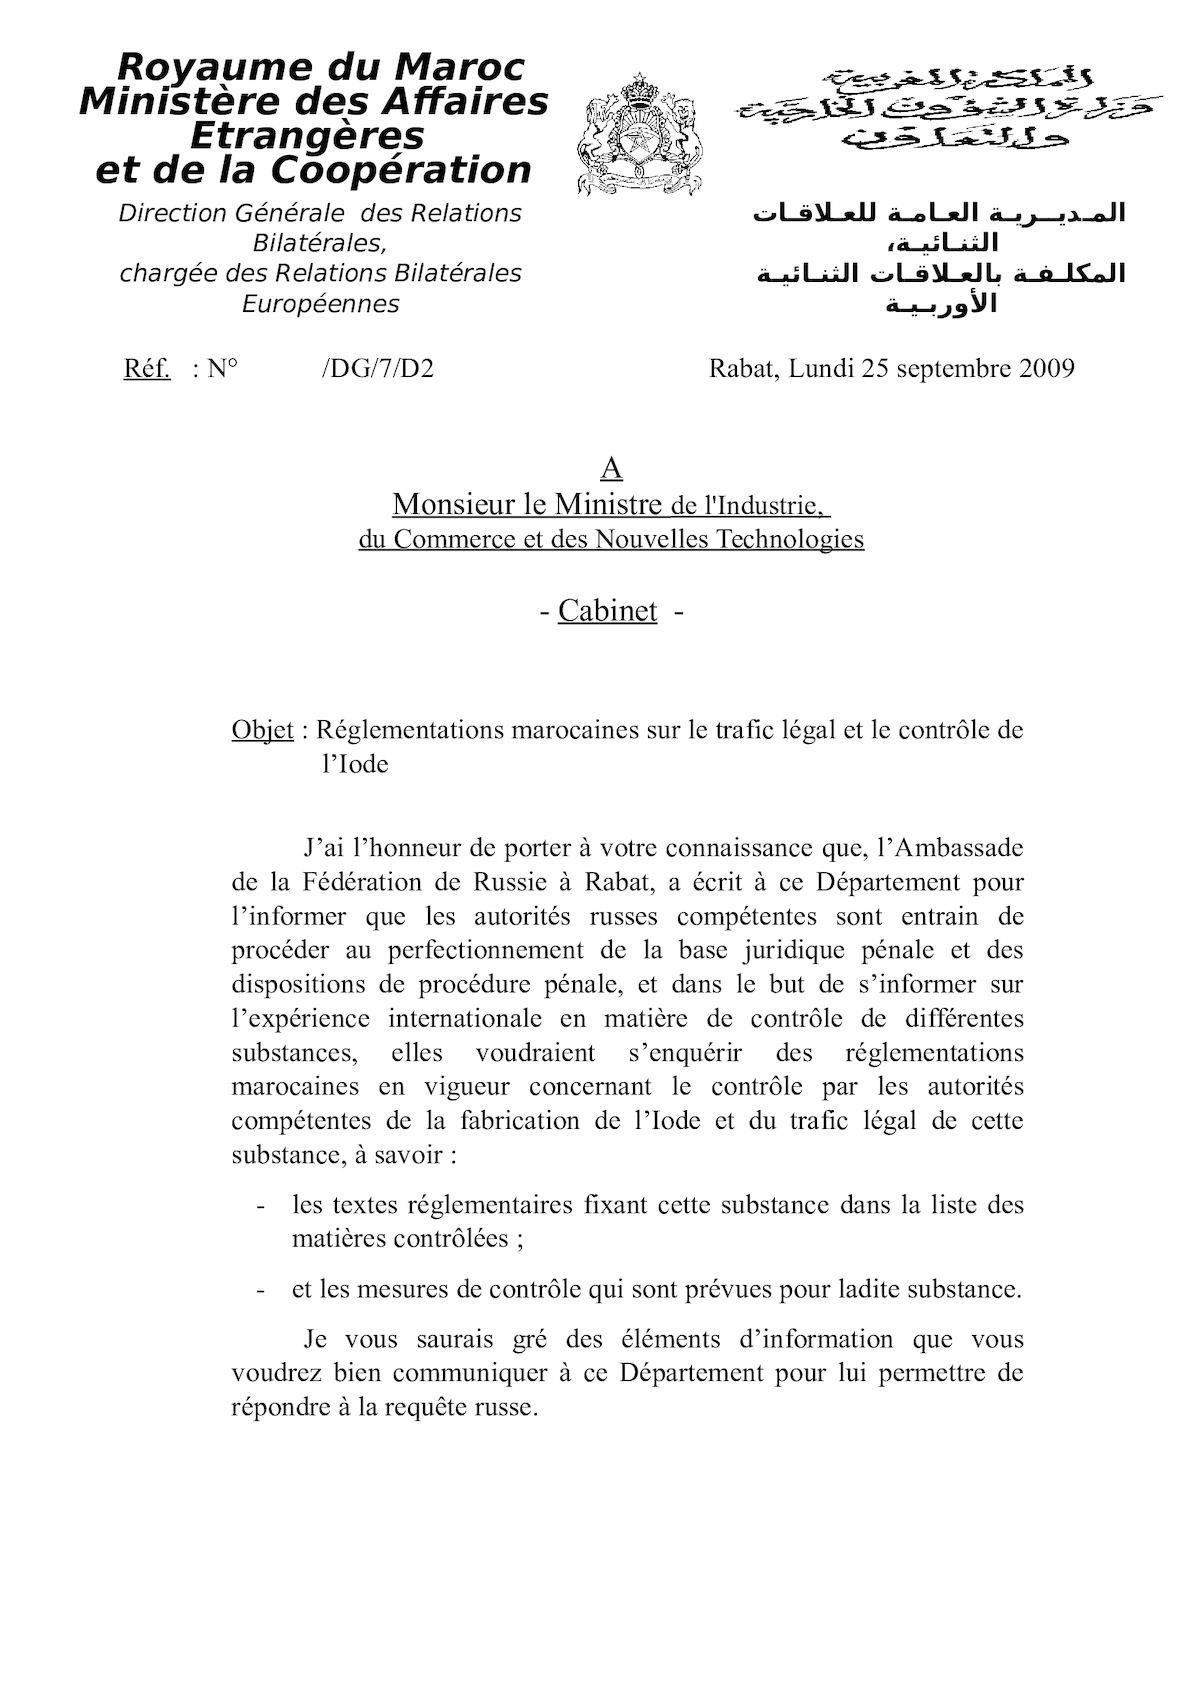 Lettre Au MCINT Dem Info_'Iode Amb Russe_(modifiée).